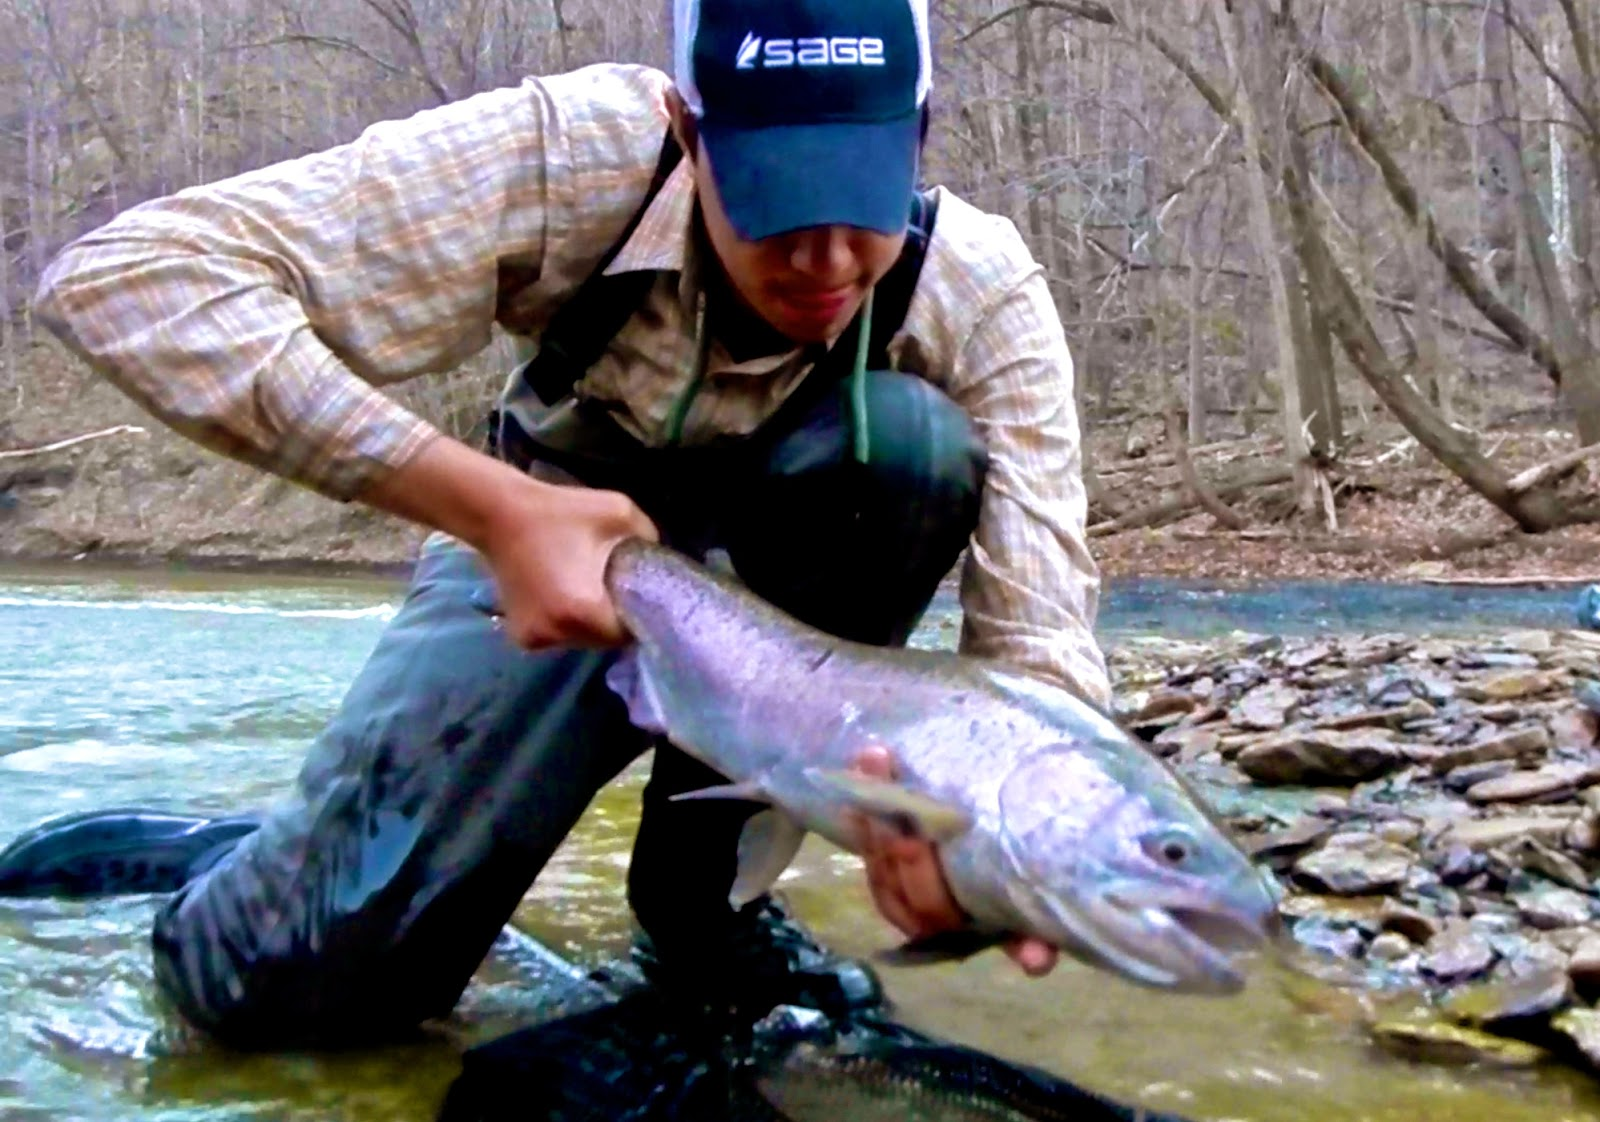 D h lake erie steelhead fishing report 4 11 4 13 for Erie steelhead fishing report